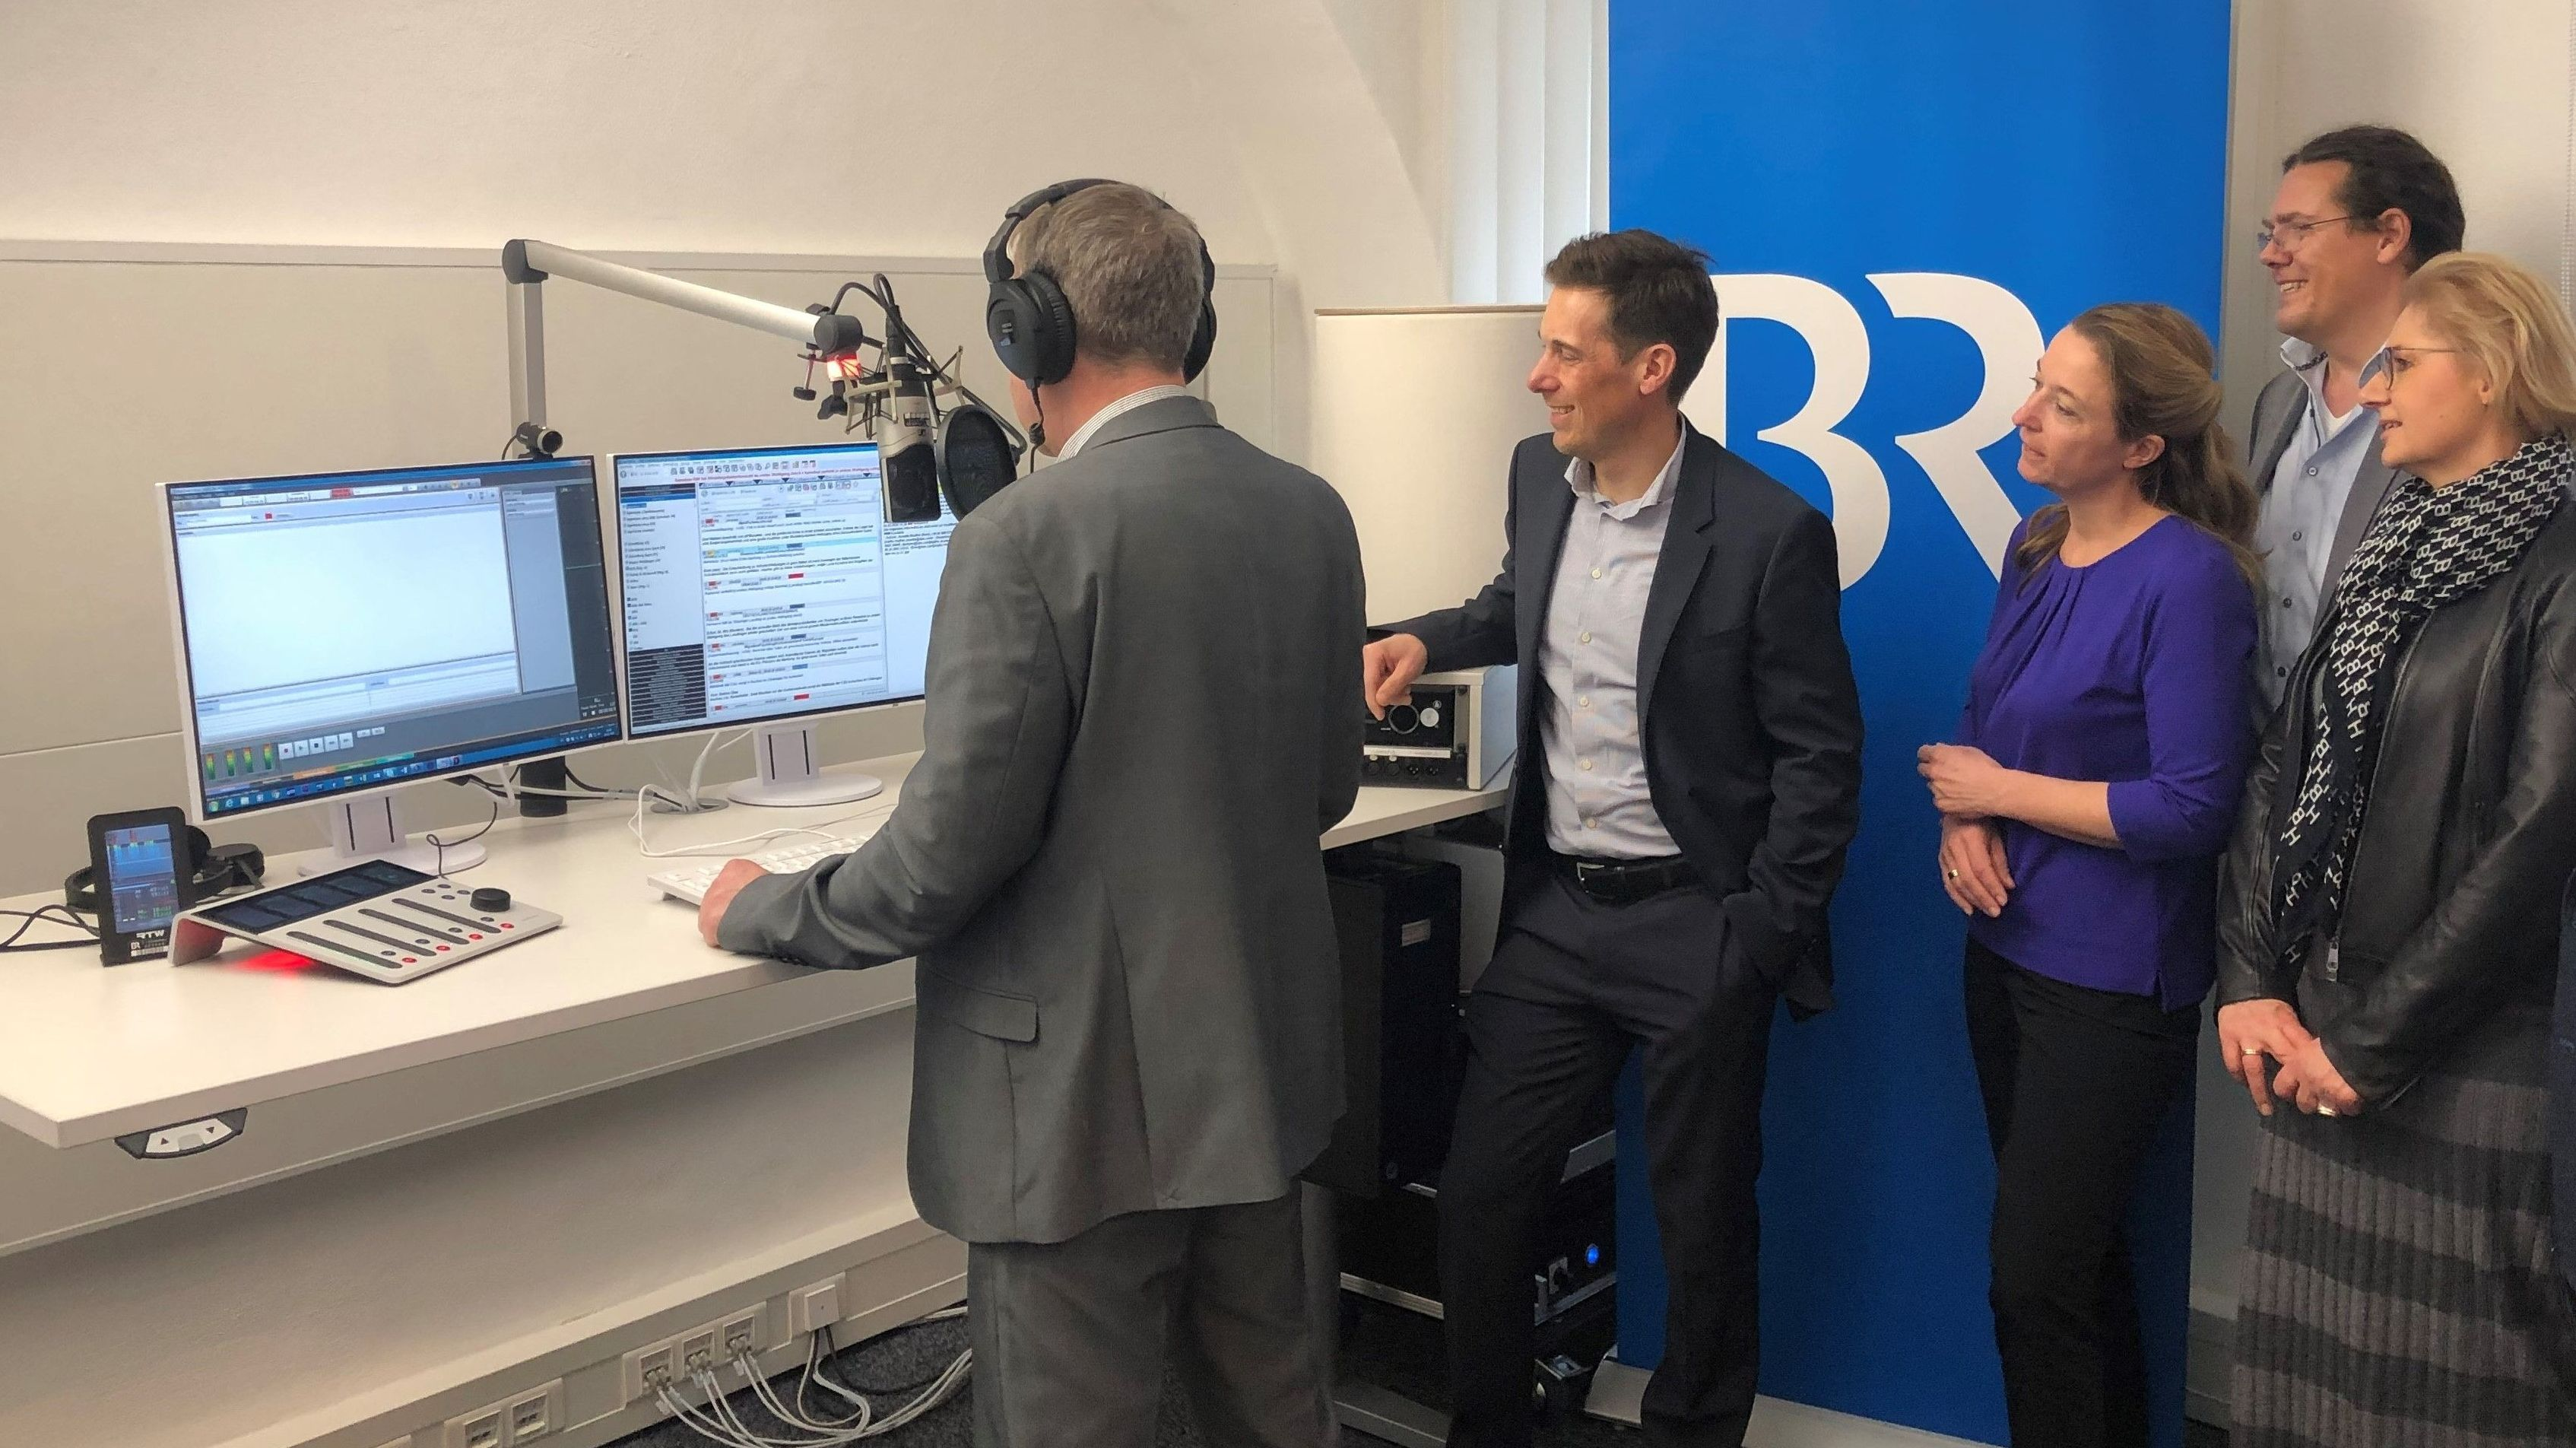 Korrespondent Harald Mitterer am Mikrofon bei der Eröffnung des neuen BR-Studios in Landshut